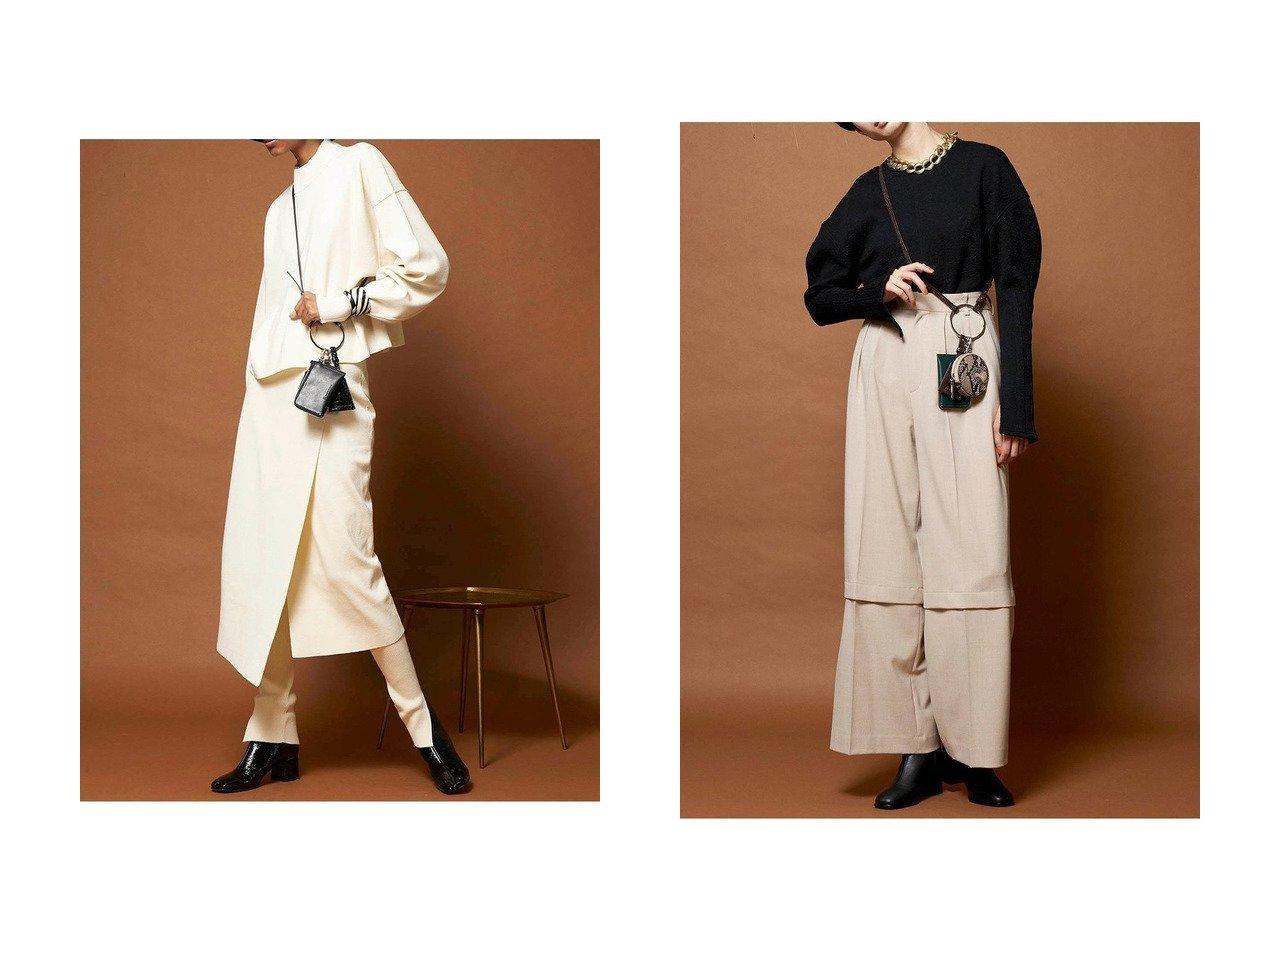 【MAISON SPECIAL/メゾンスペシャル】のヴィーガンレザーリングマルチケース おすすめ!人気、レディースファッションの通販 おすすめで人気のファッション通販商品 インテリア・家具・キッズファッション・メンズファッション・レディースファッション・服の通販 founy(ファニー) https://founy.com/ ファッション Fashion レディース WOMEN ショルダー チャーム ポシェット ポーチ ロング |ID:crp329100000003846